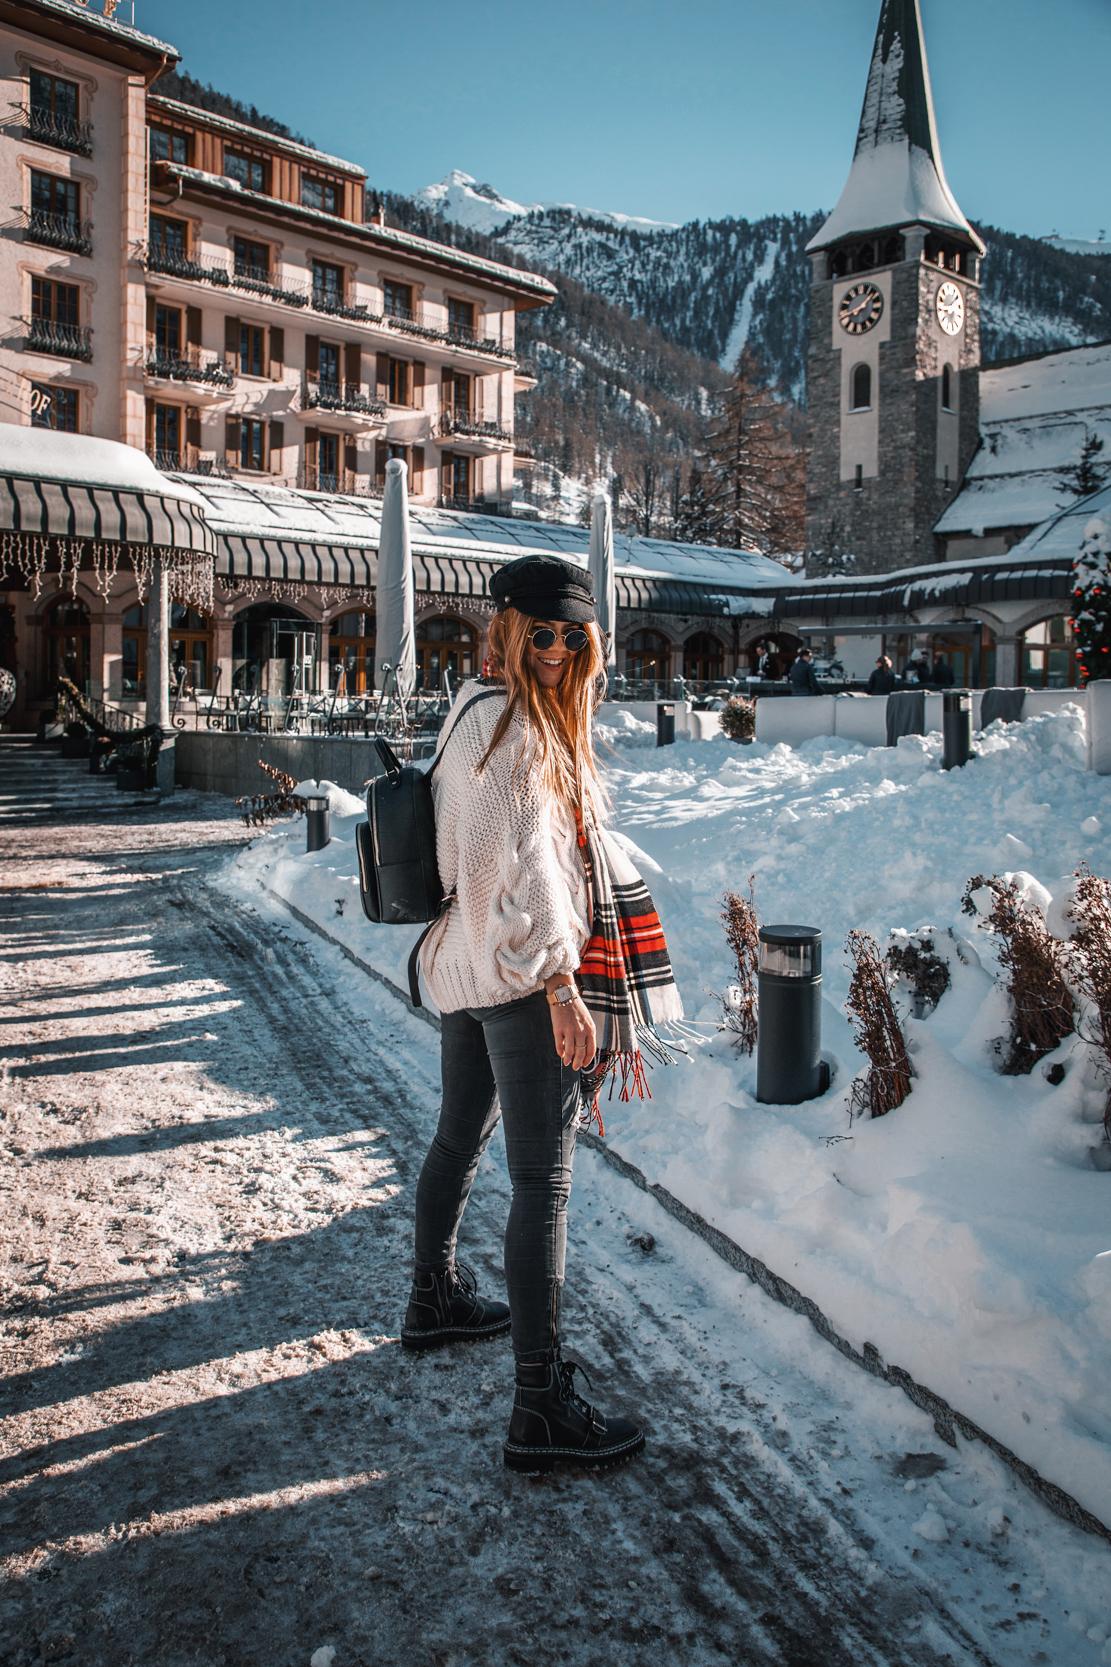 stylish-winter-outfits-switzerland-10.jpg